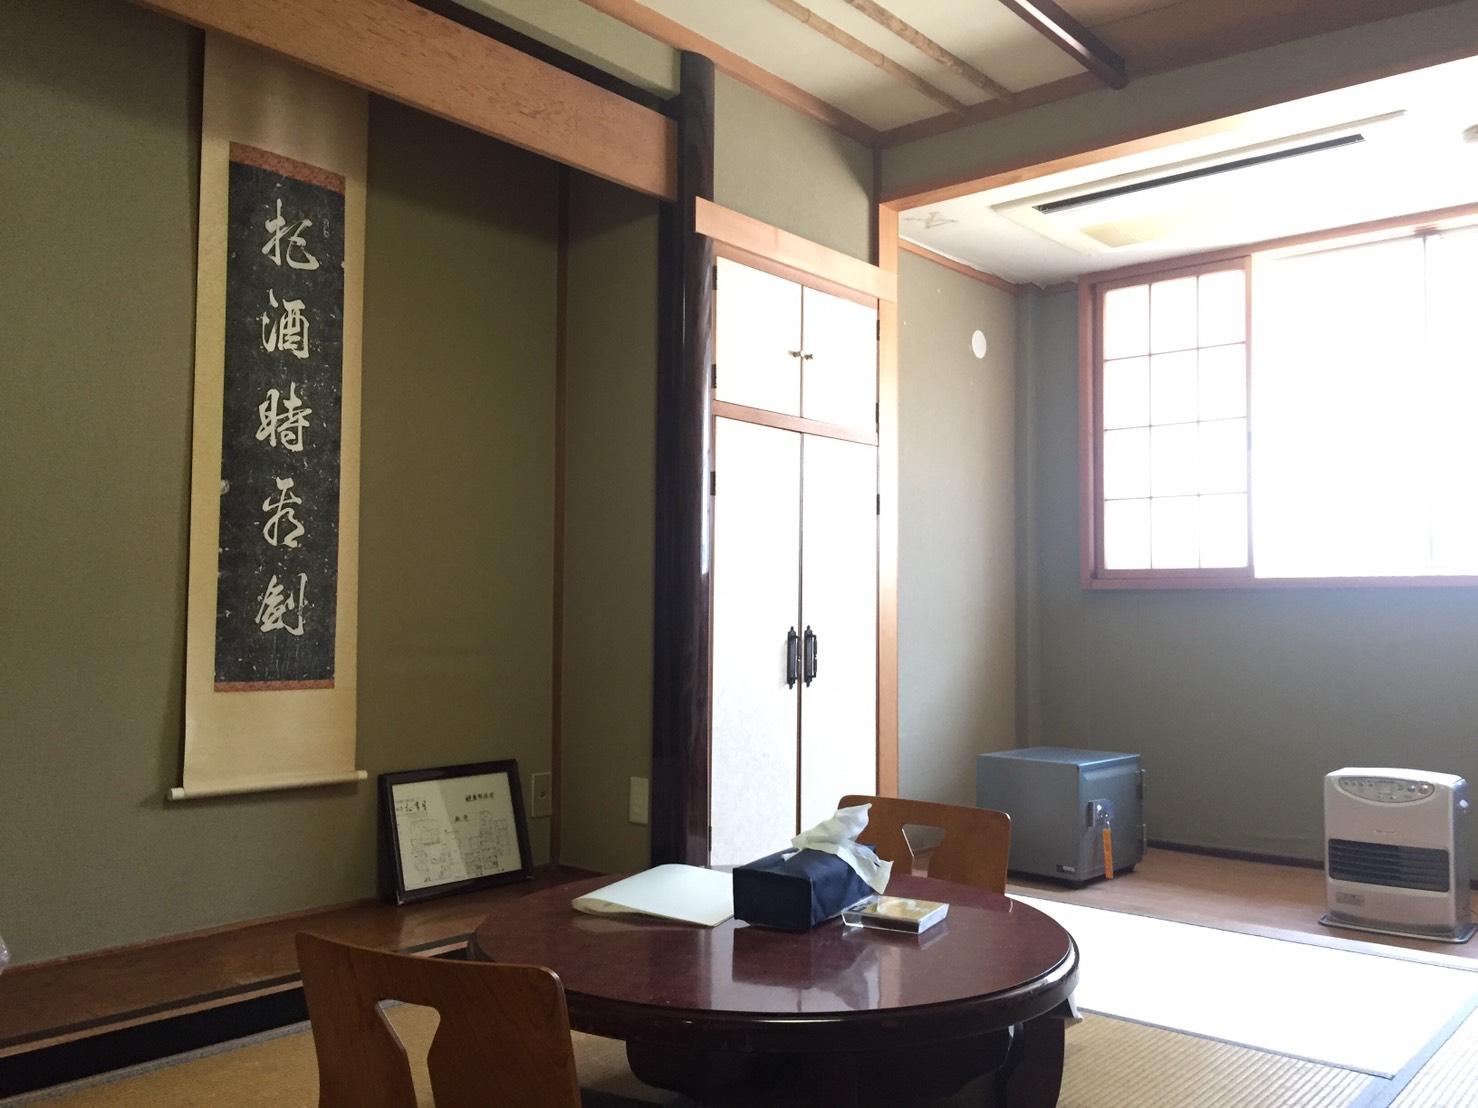 個室コンパクト2人部屋の写真